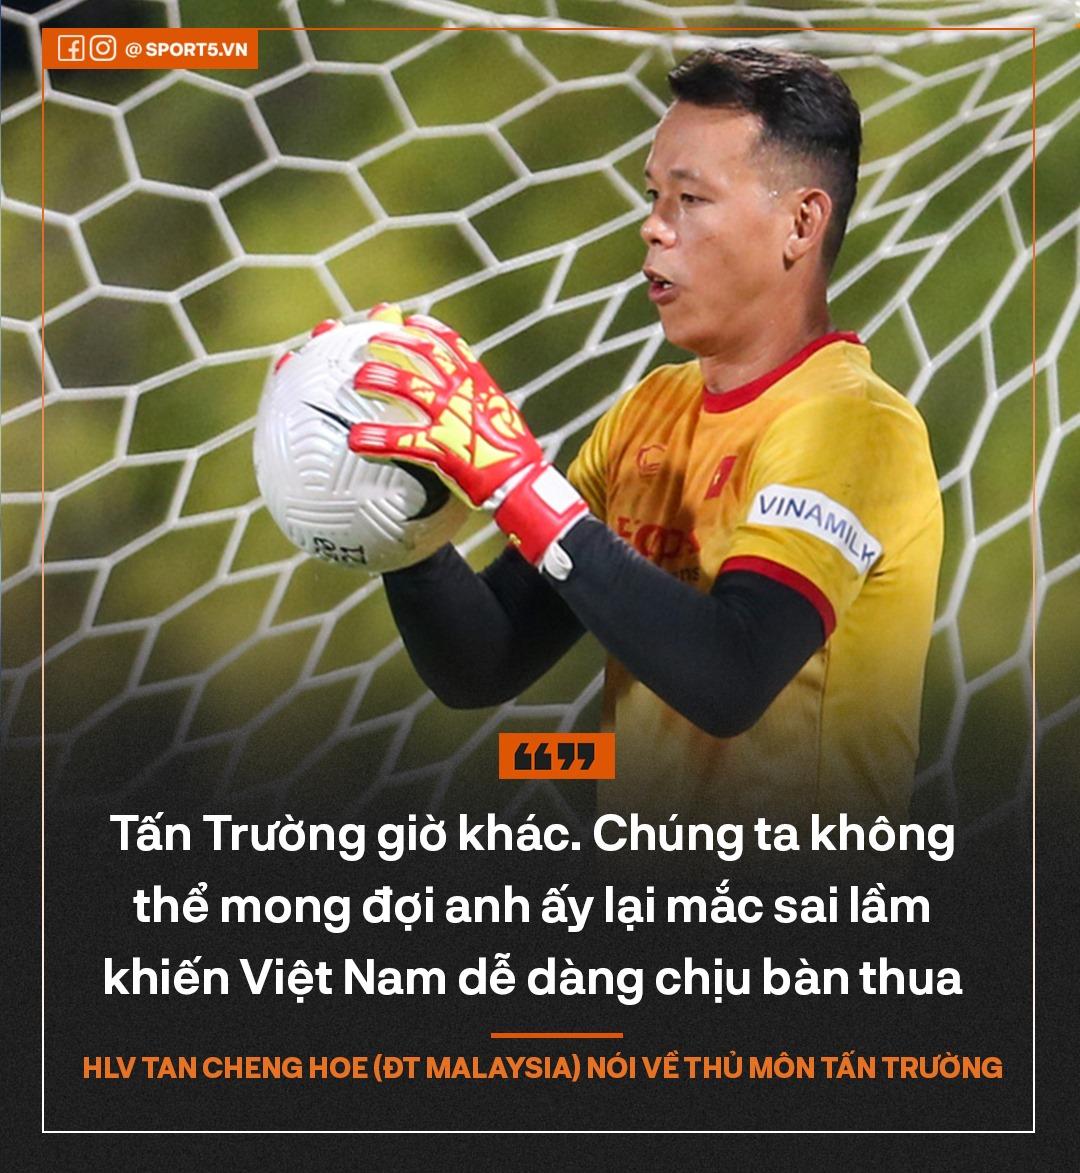 """Chốt chặn tiếp theo của thầy Park và học trò: Tất cả thông tin về tuyển Malaysia, nhập tịch ồ ạt từ Âu sang Úc để """"dọa"""" ĐTVN - Ảnh 8."""